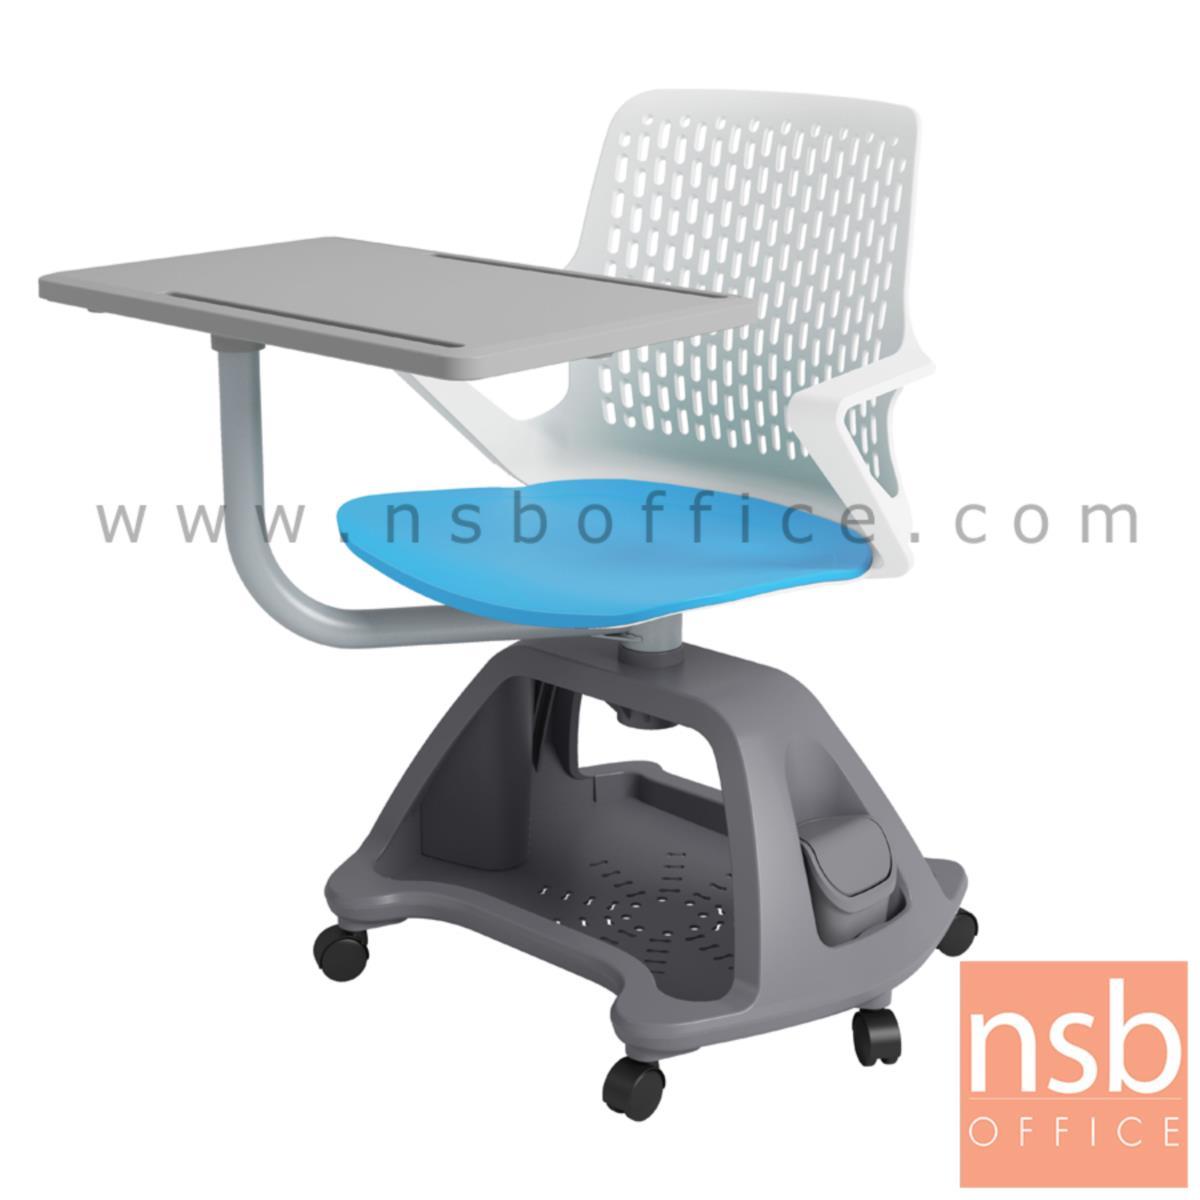 B30A052:เก้าอี้เลคเชอร์เฟรมโพลี่ล้อเลื่อน รุ่น aloe (แอลโล) วางกระเป๋าได้